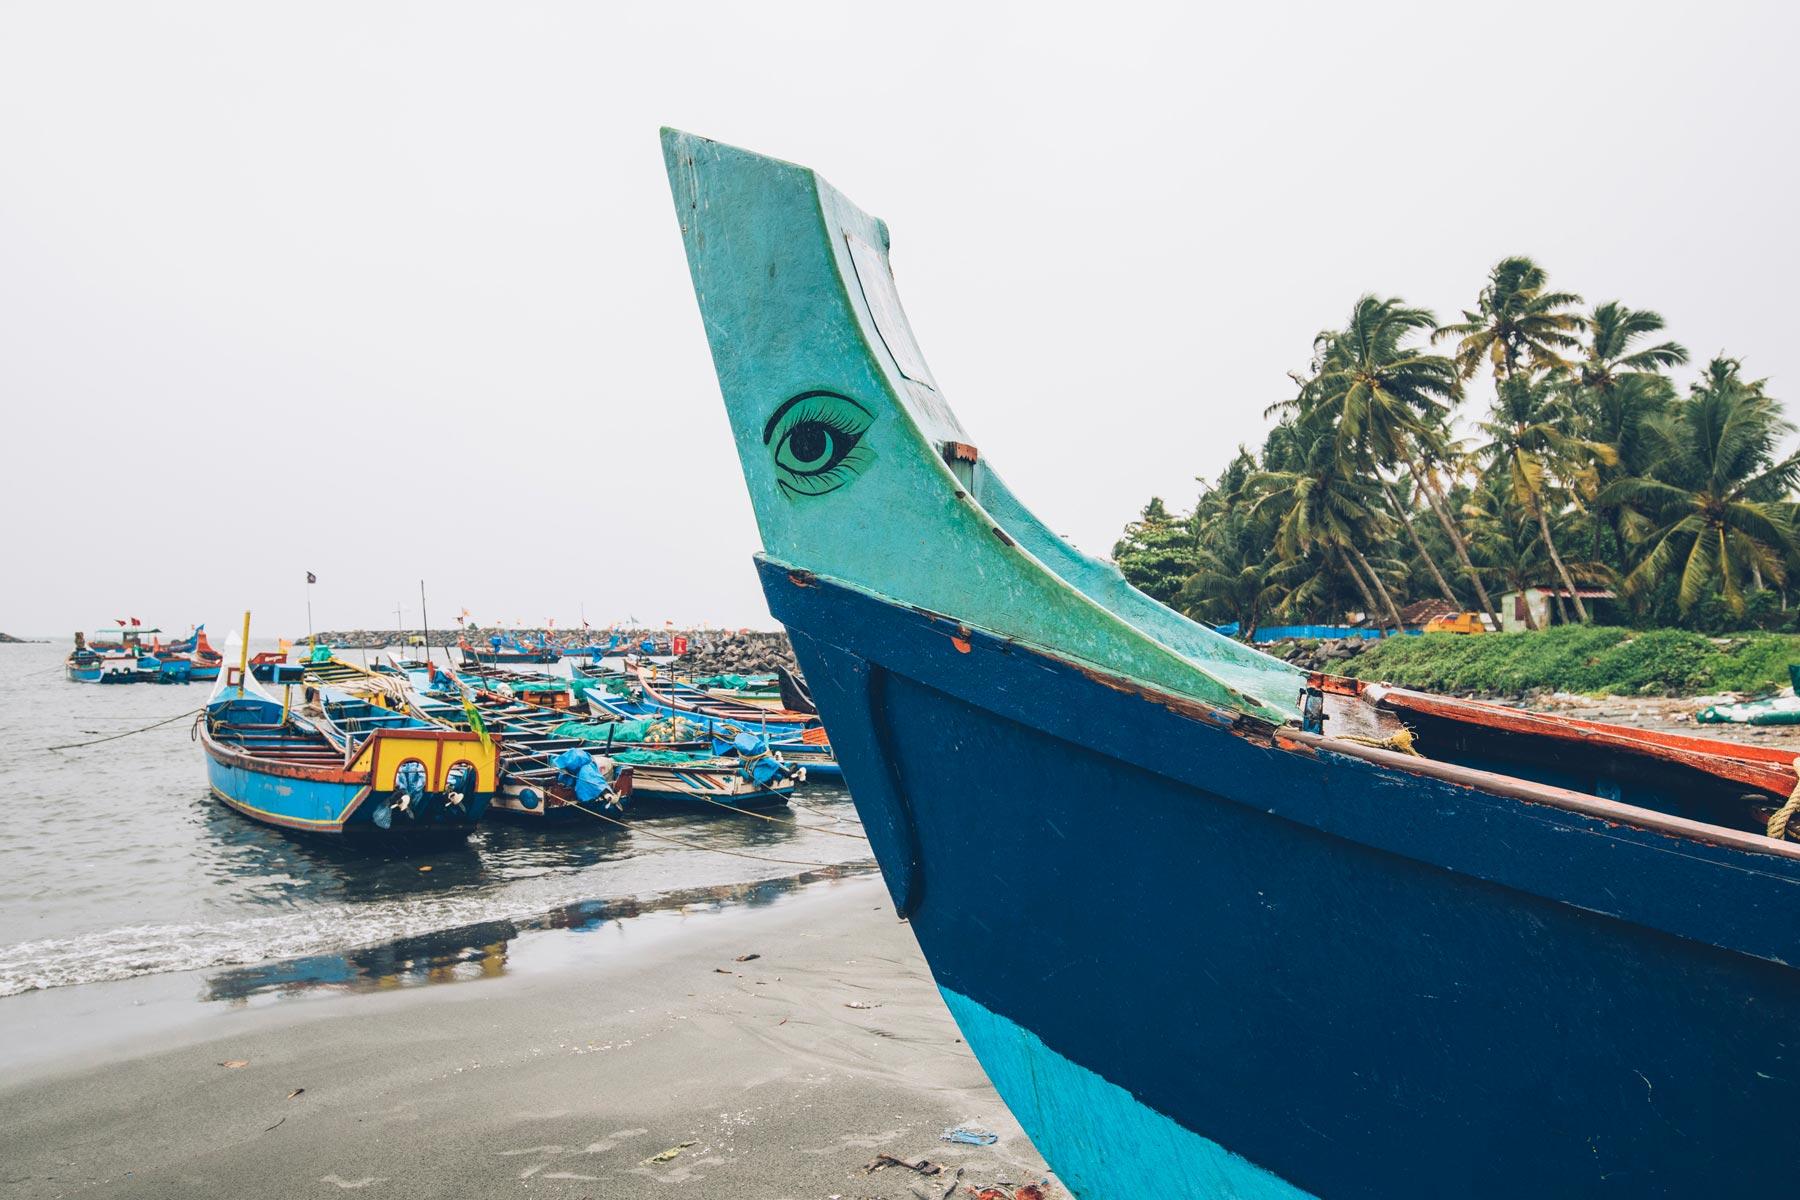 Inde, Kerala